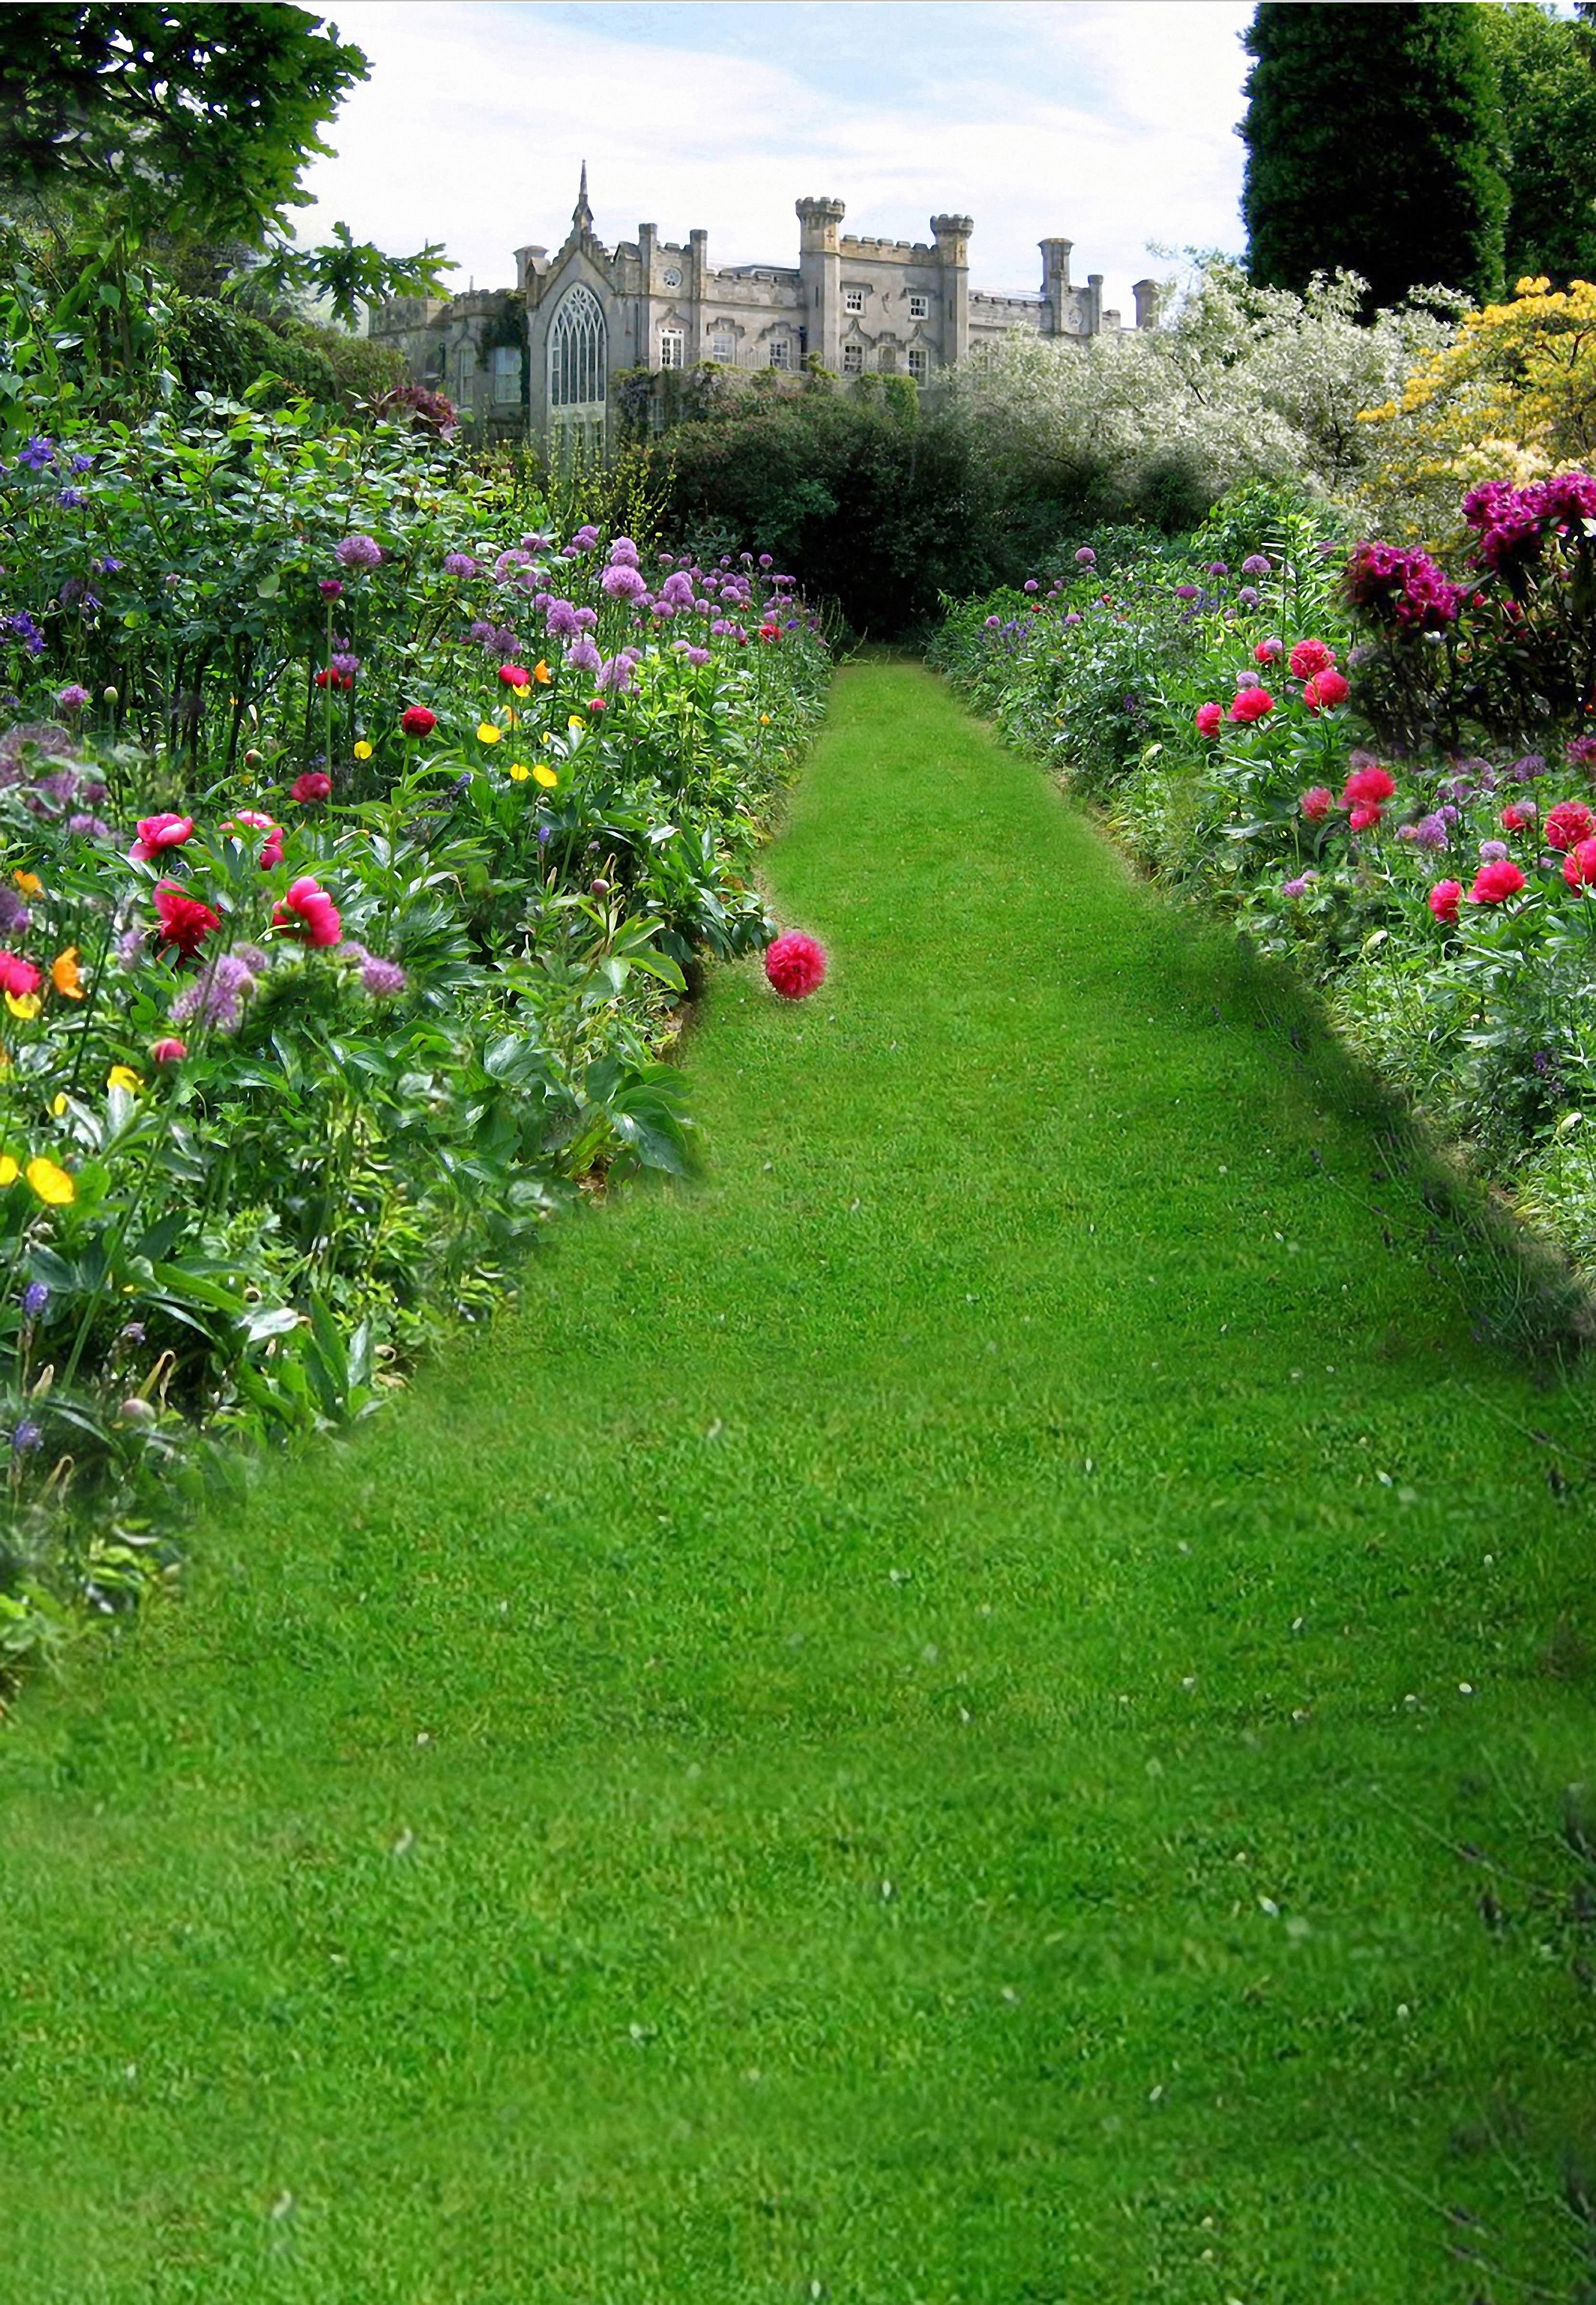 jardin flores planta grass antecedentes park flor verano